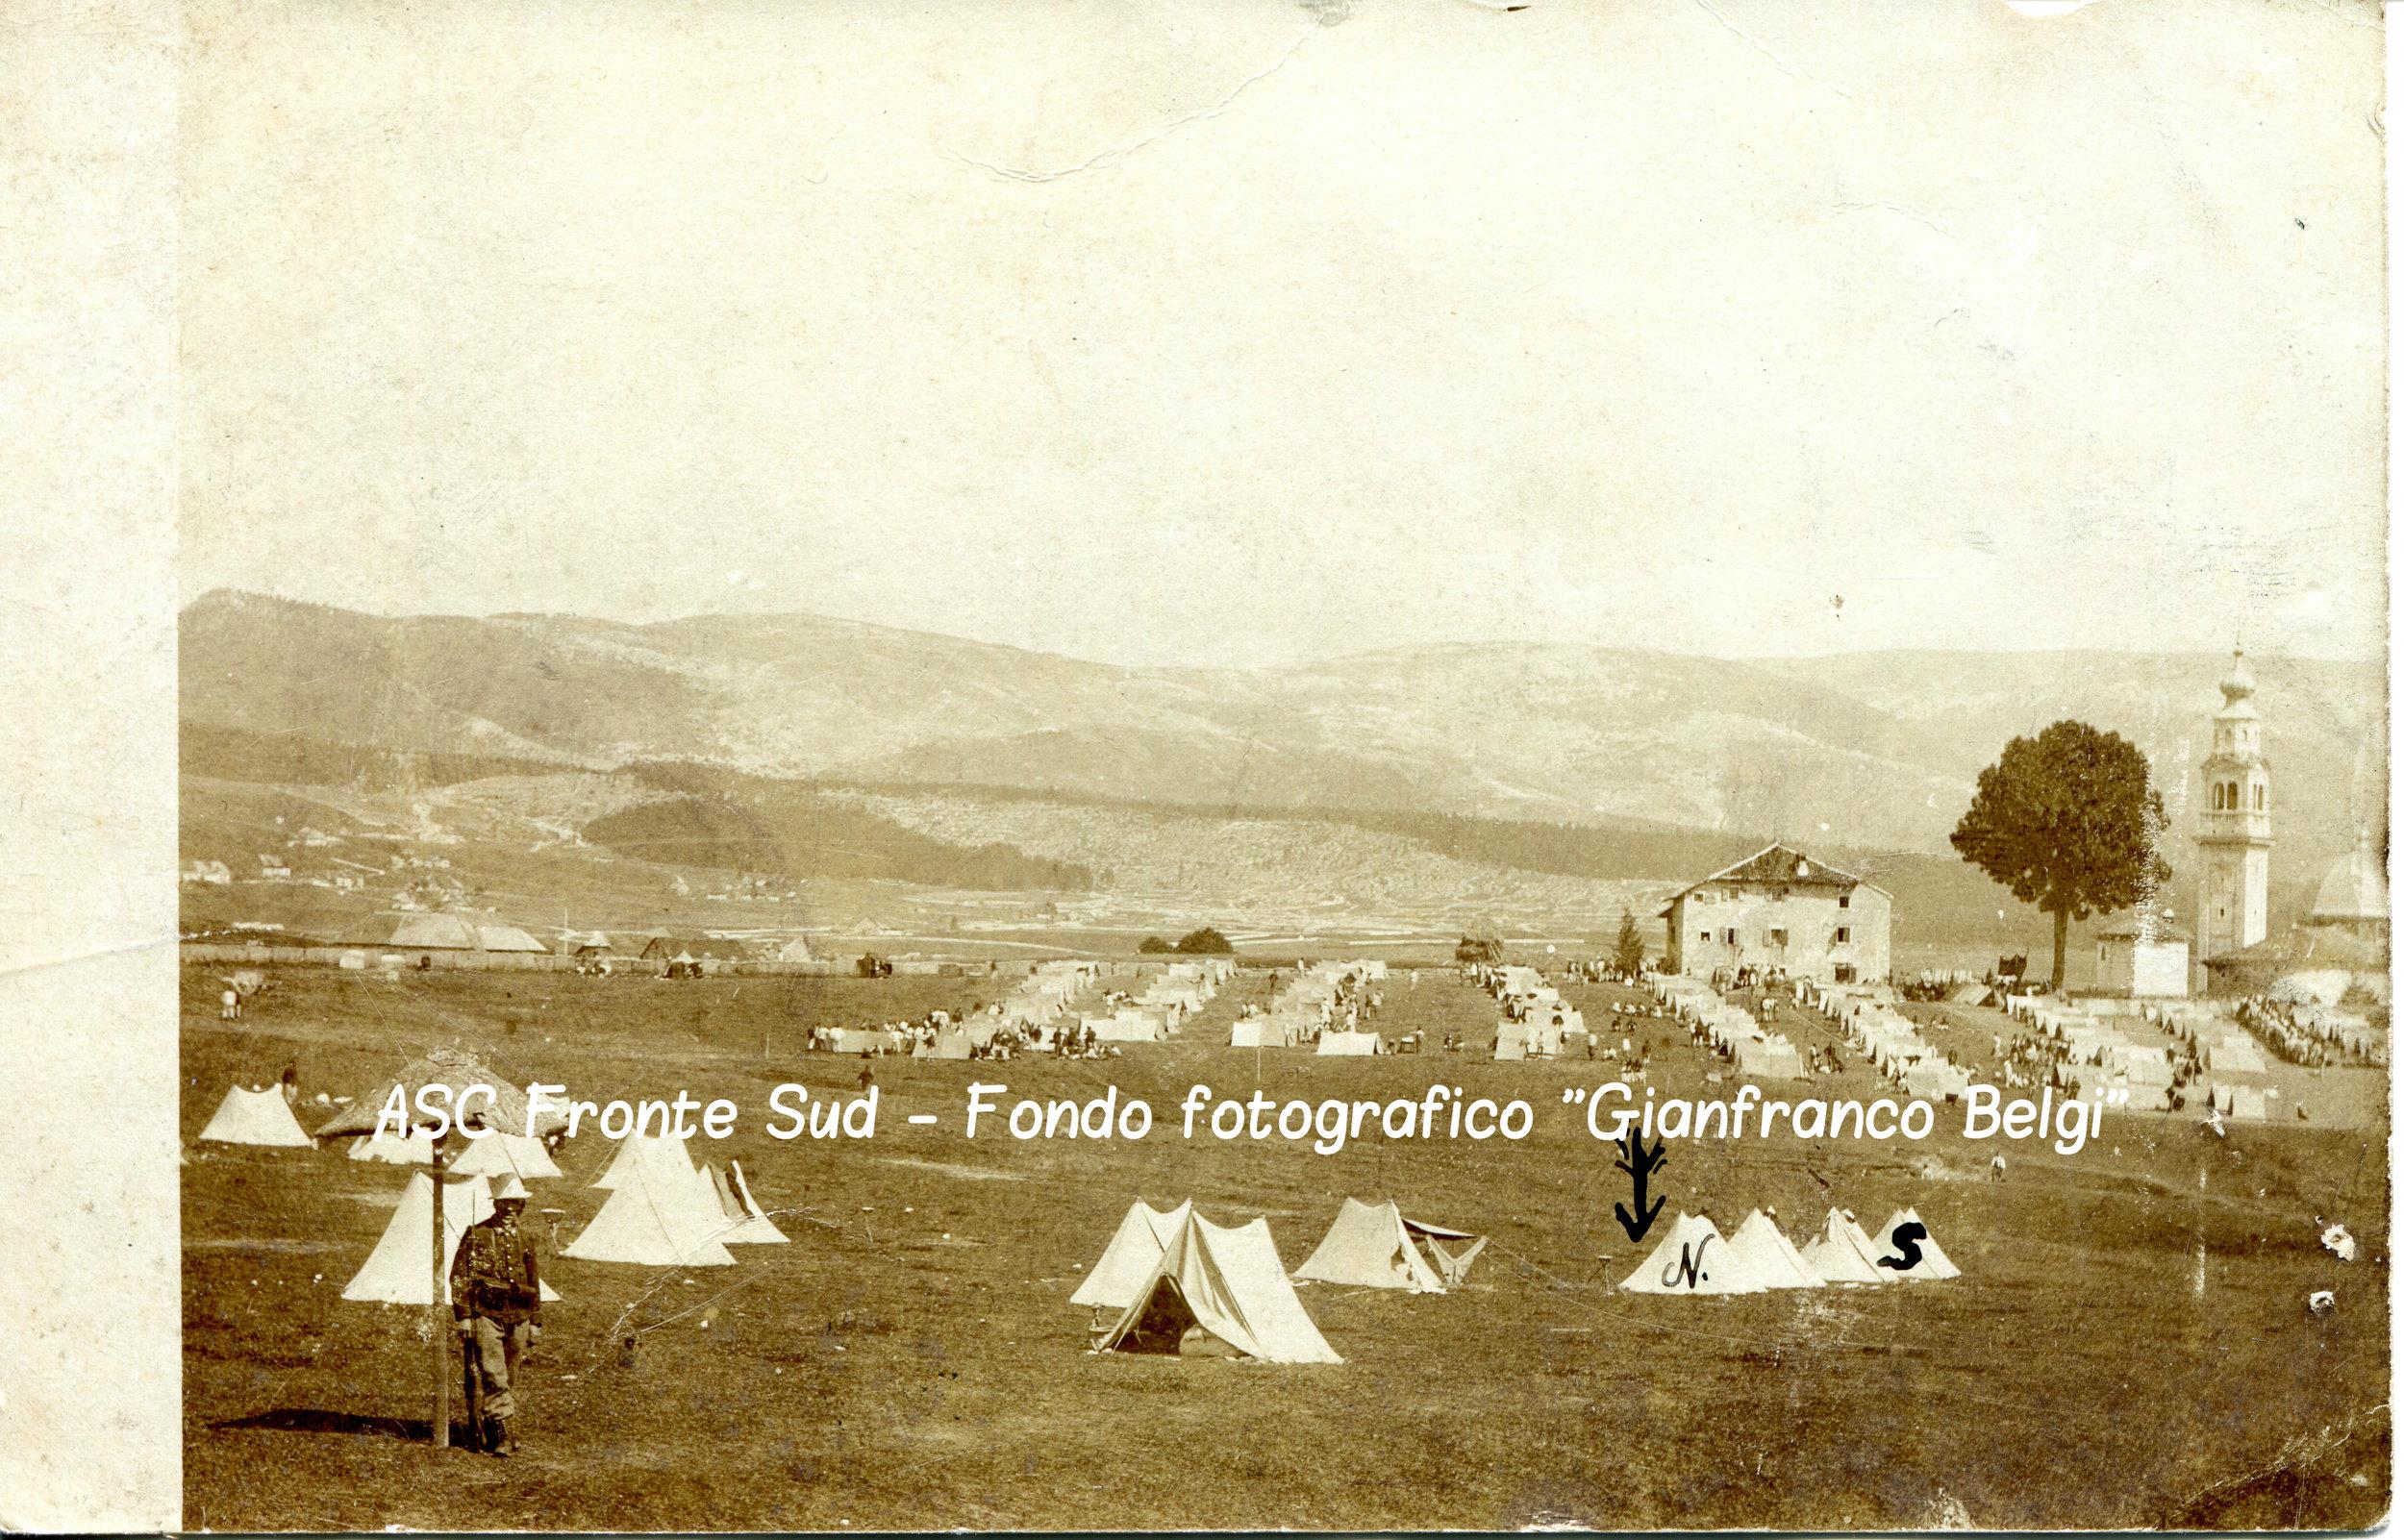 Esercitazioni militari italiane sull'Altopiano di Asiago poco prima dello scoppio della guerra